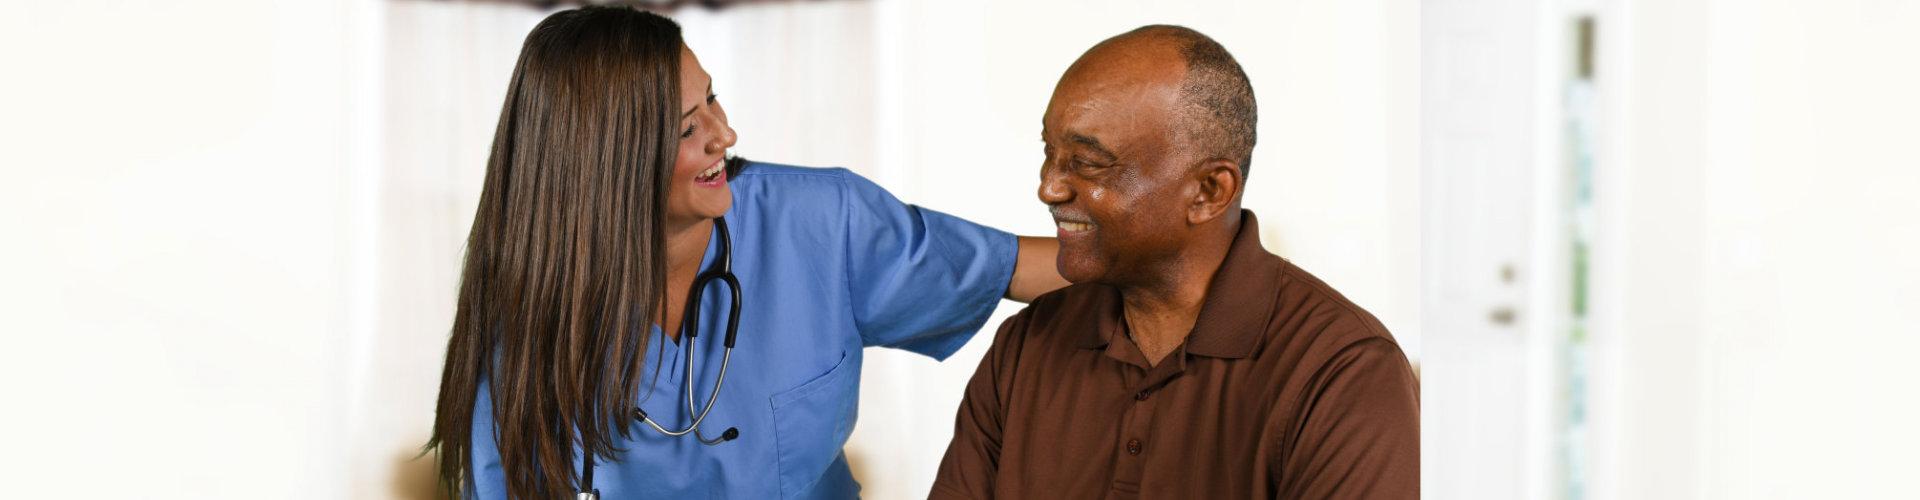 female nurse wearing stethoscope and senior man smiling